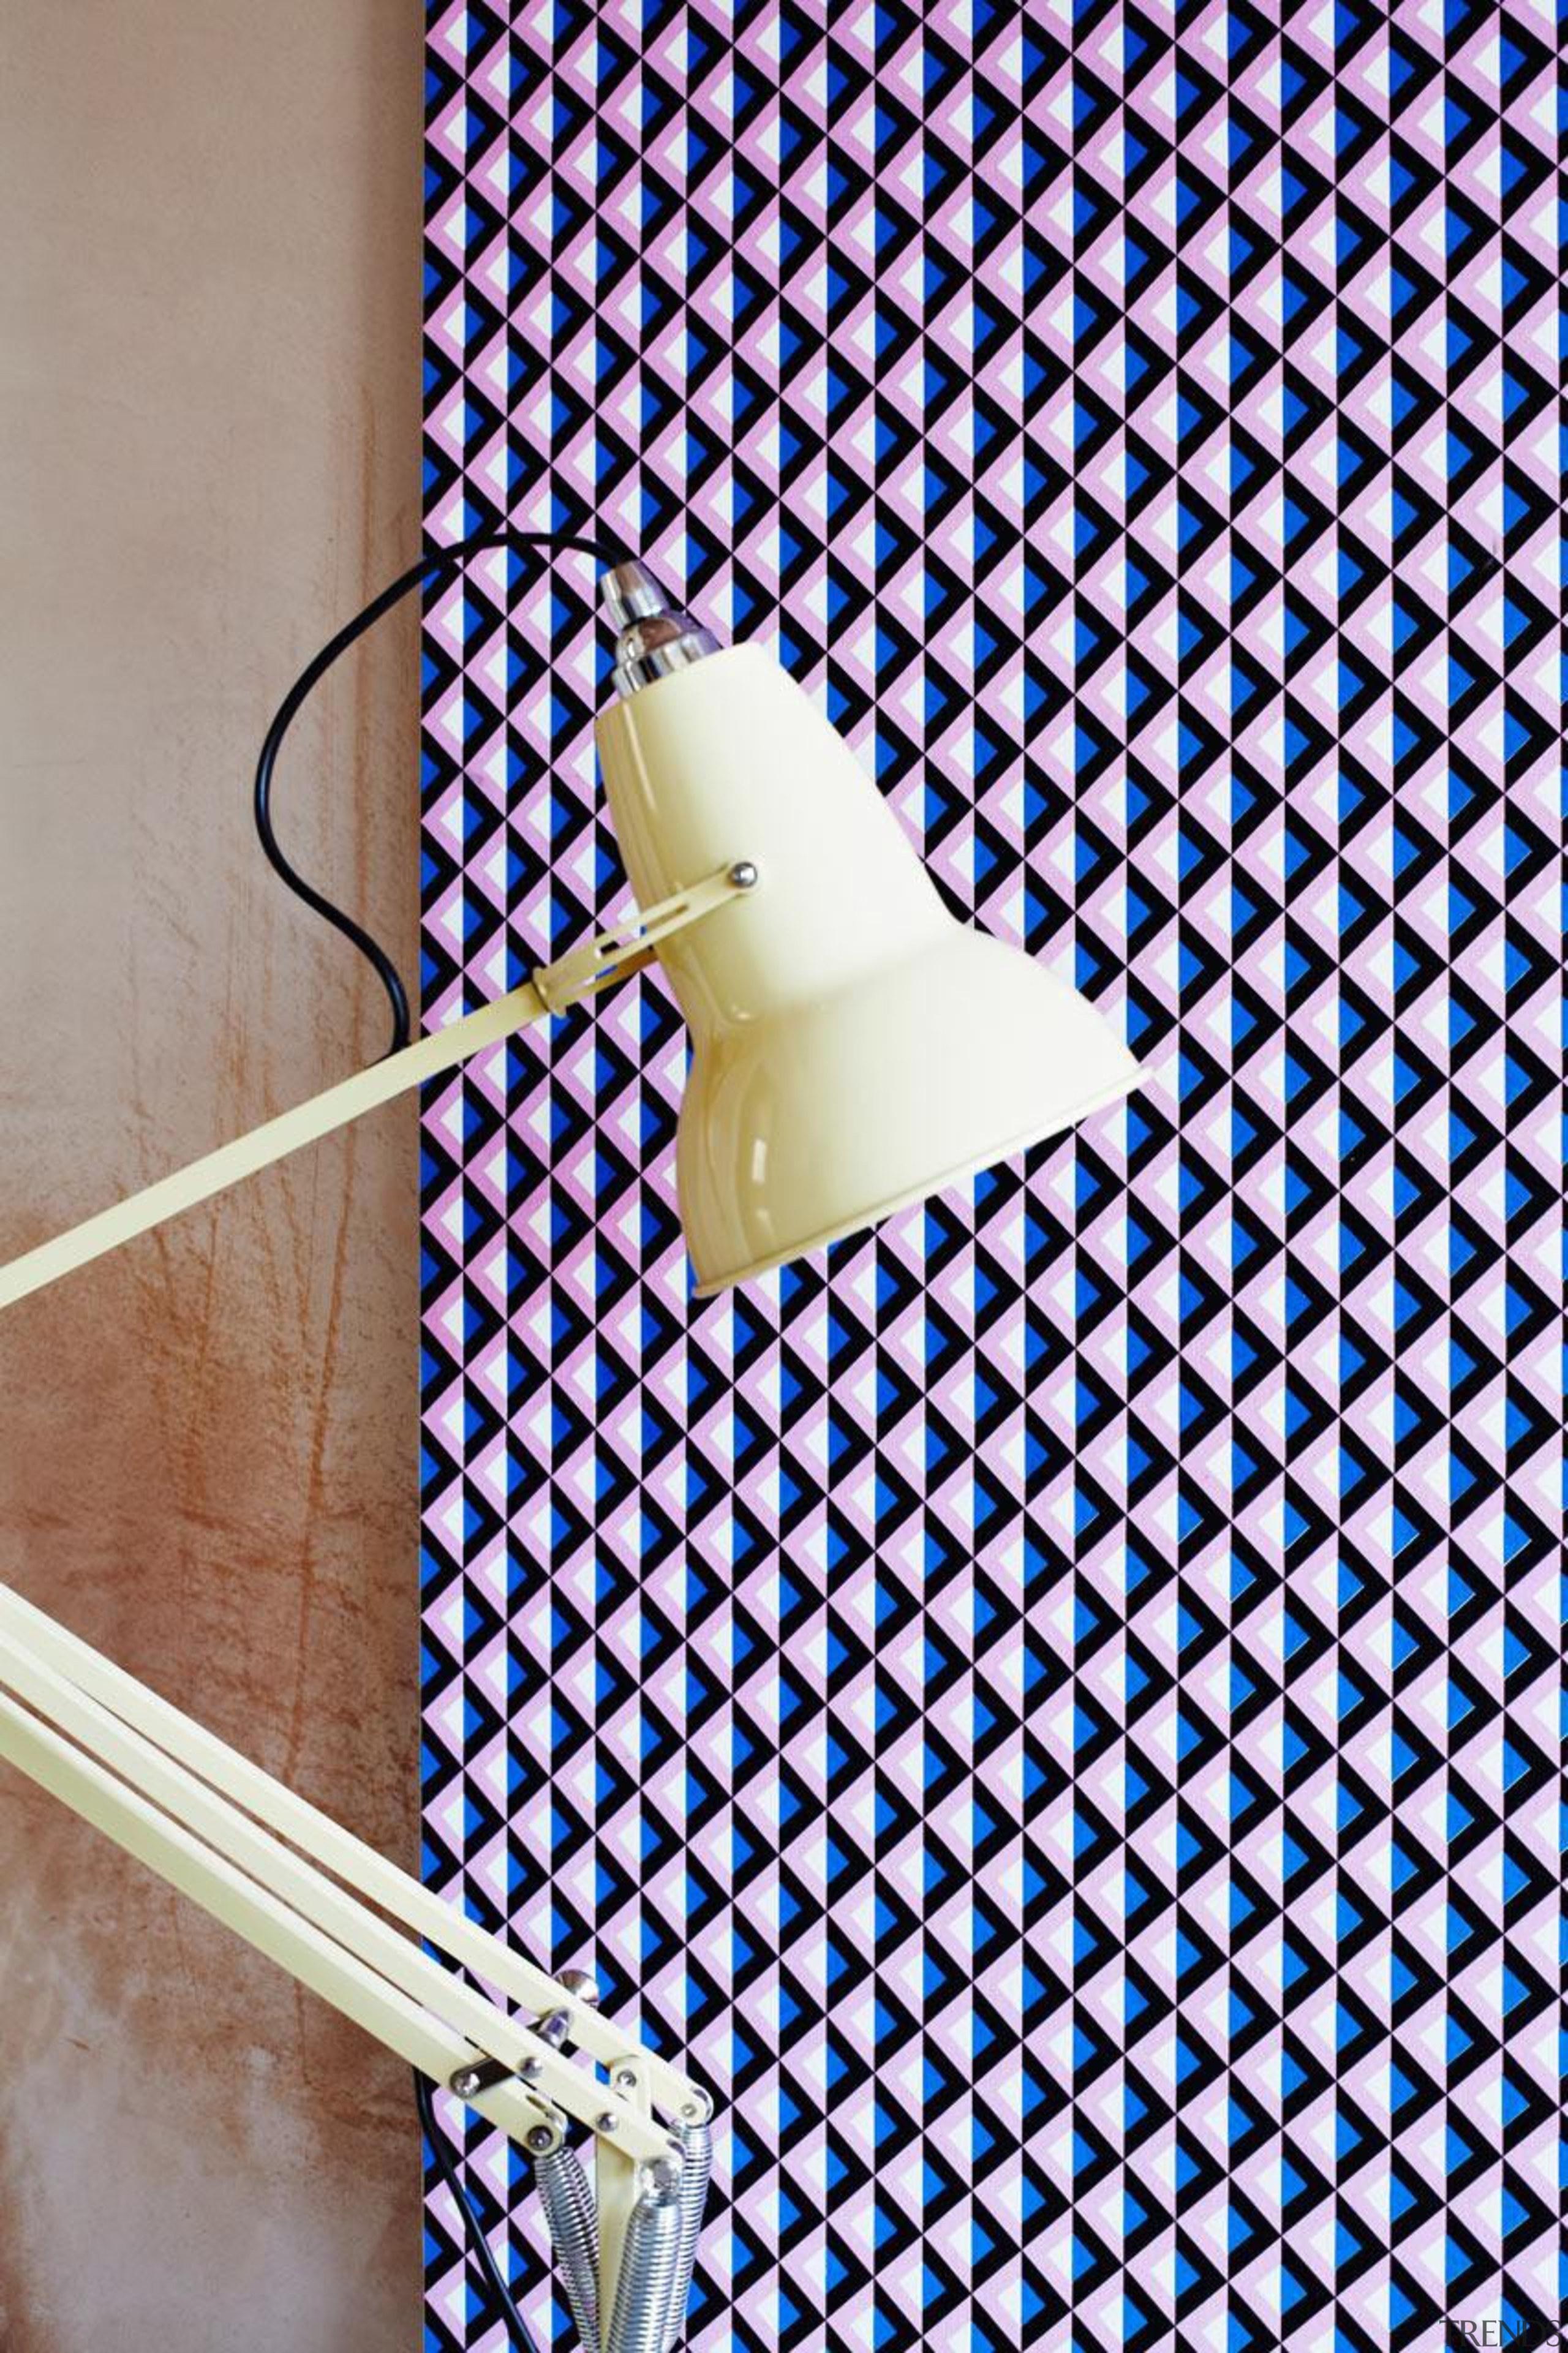 Eley Kishimoto Hand-Printed Wallpaper Collection - Eley Kishimoto blue, line